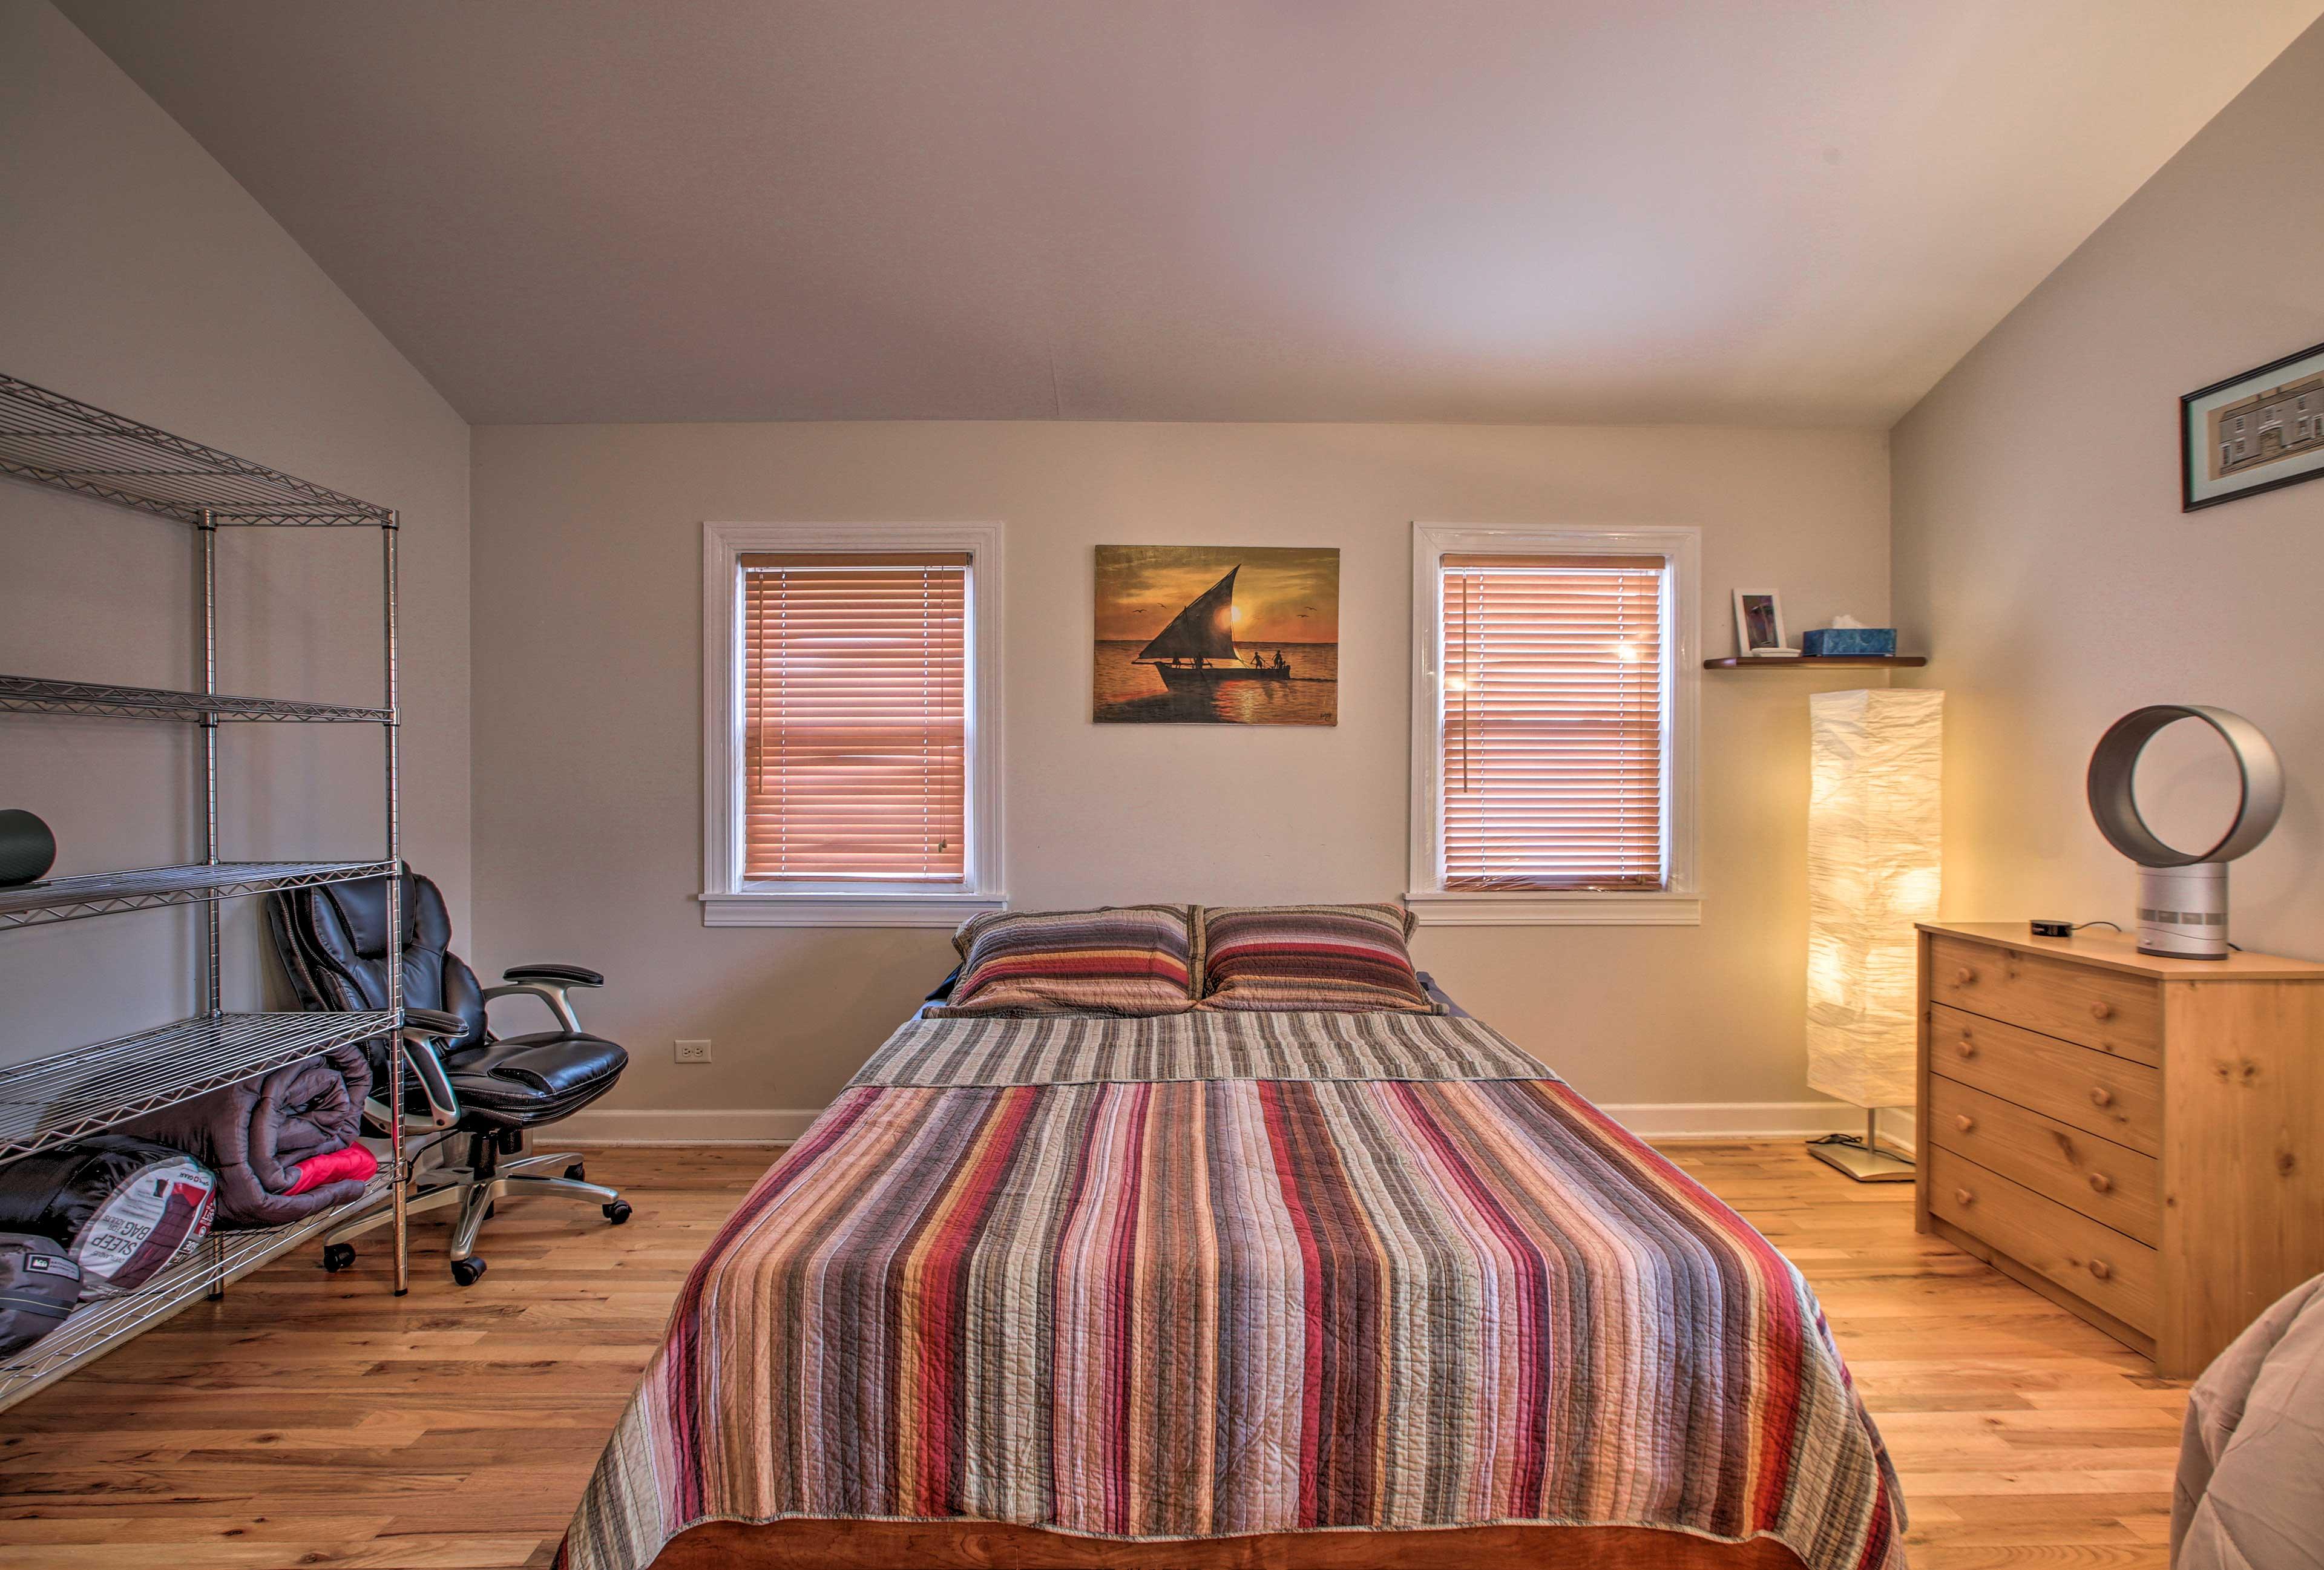 The second bedroom offers 2 queen beds.